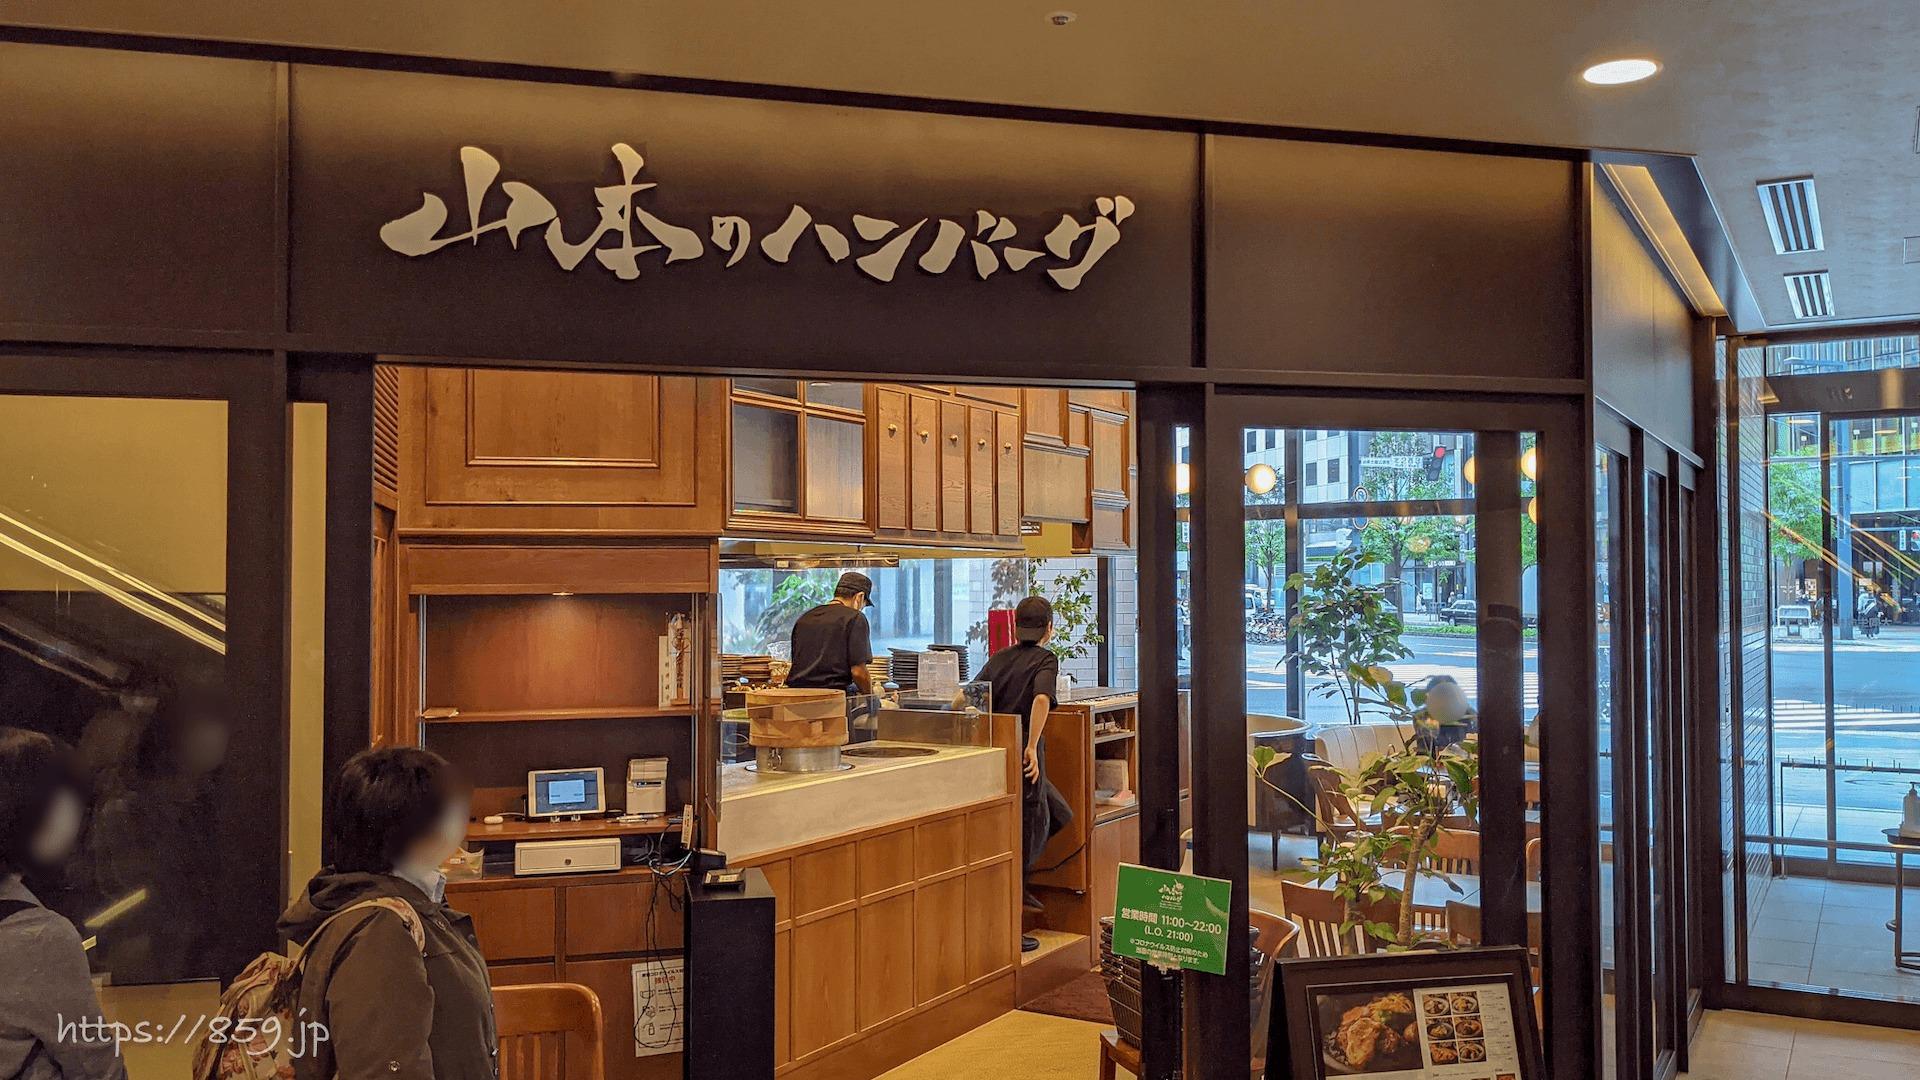 ミレドのハンバーグ!山本のハンバーグ札幌miredo店外観